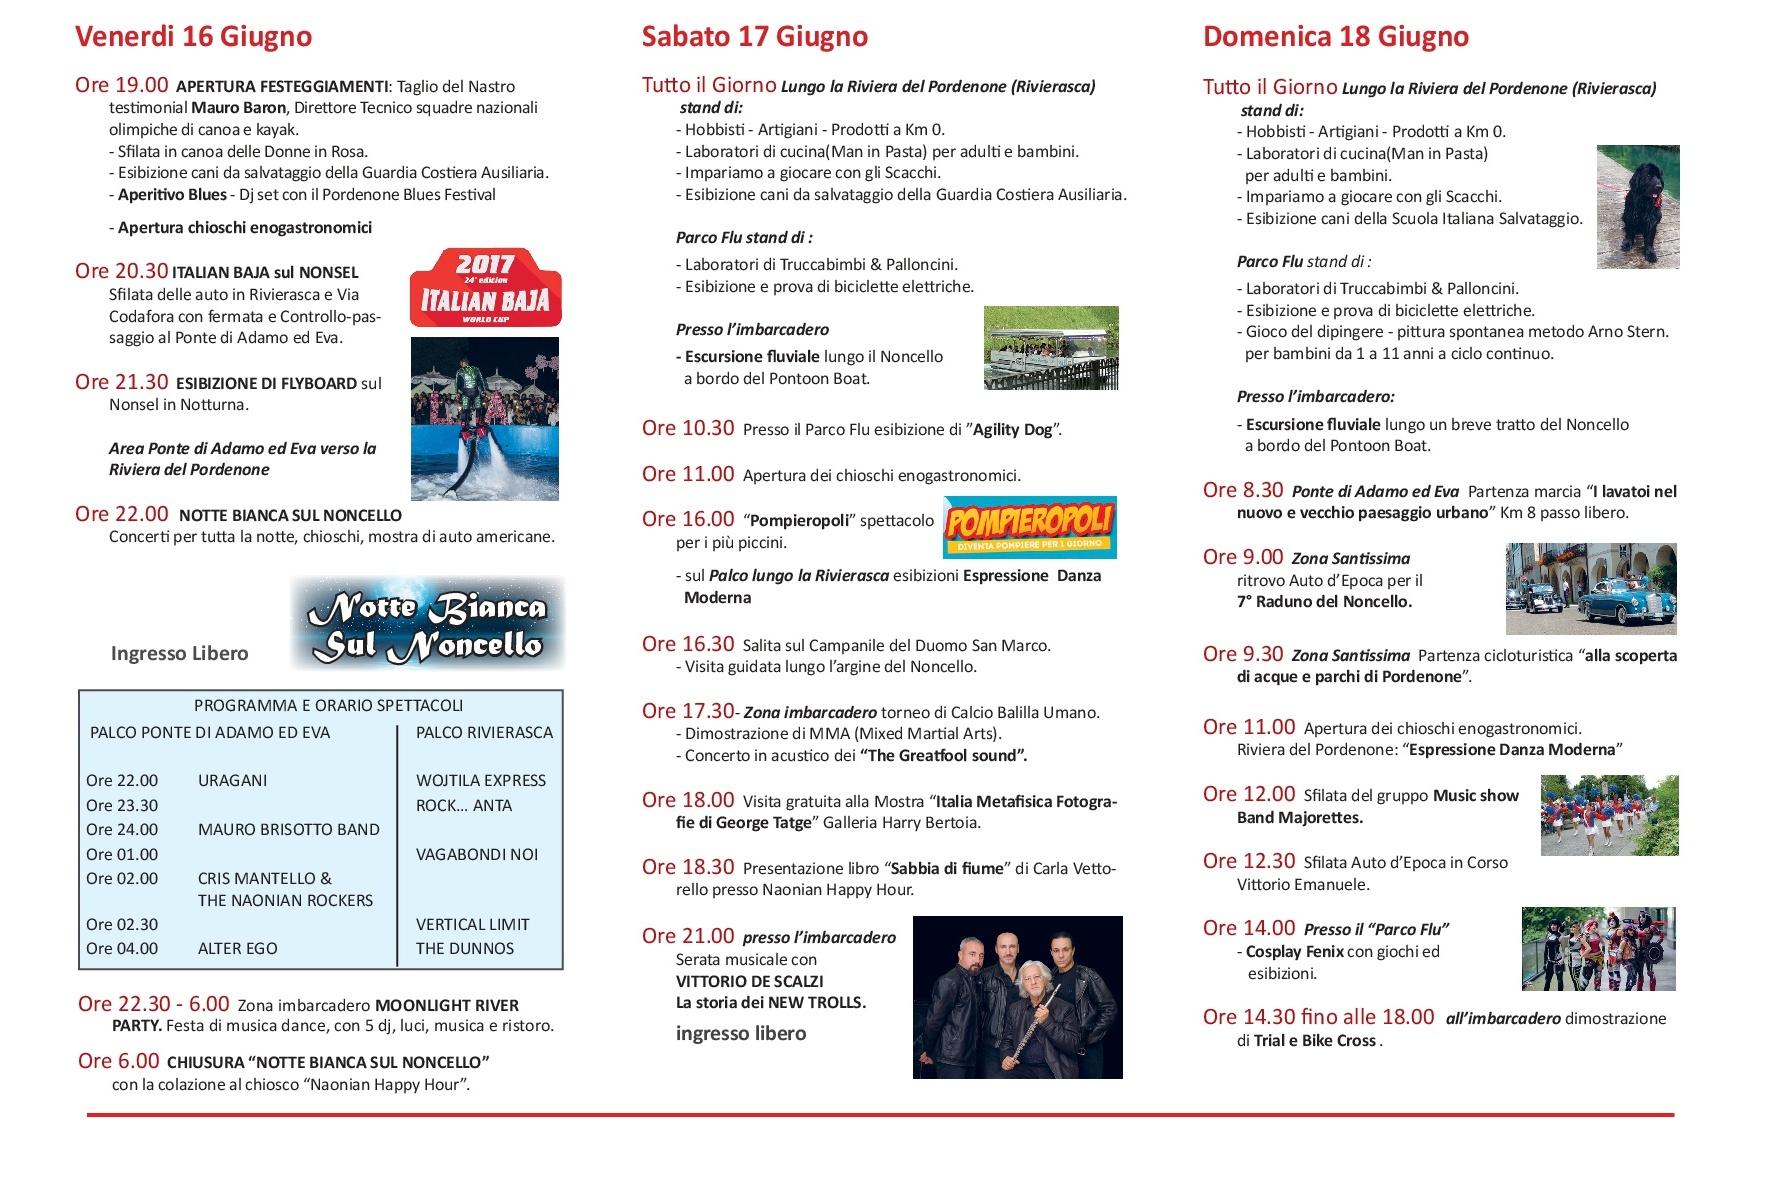 Programma Festa sul Nonsel 2017 Pordenone